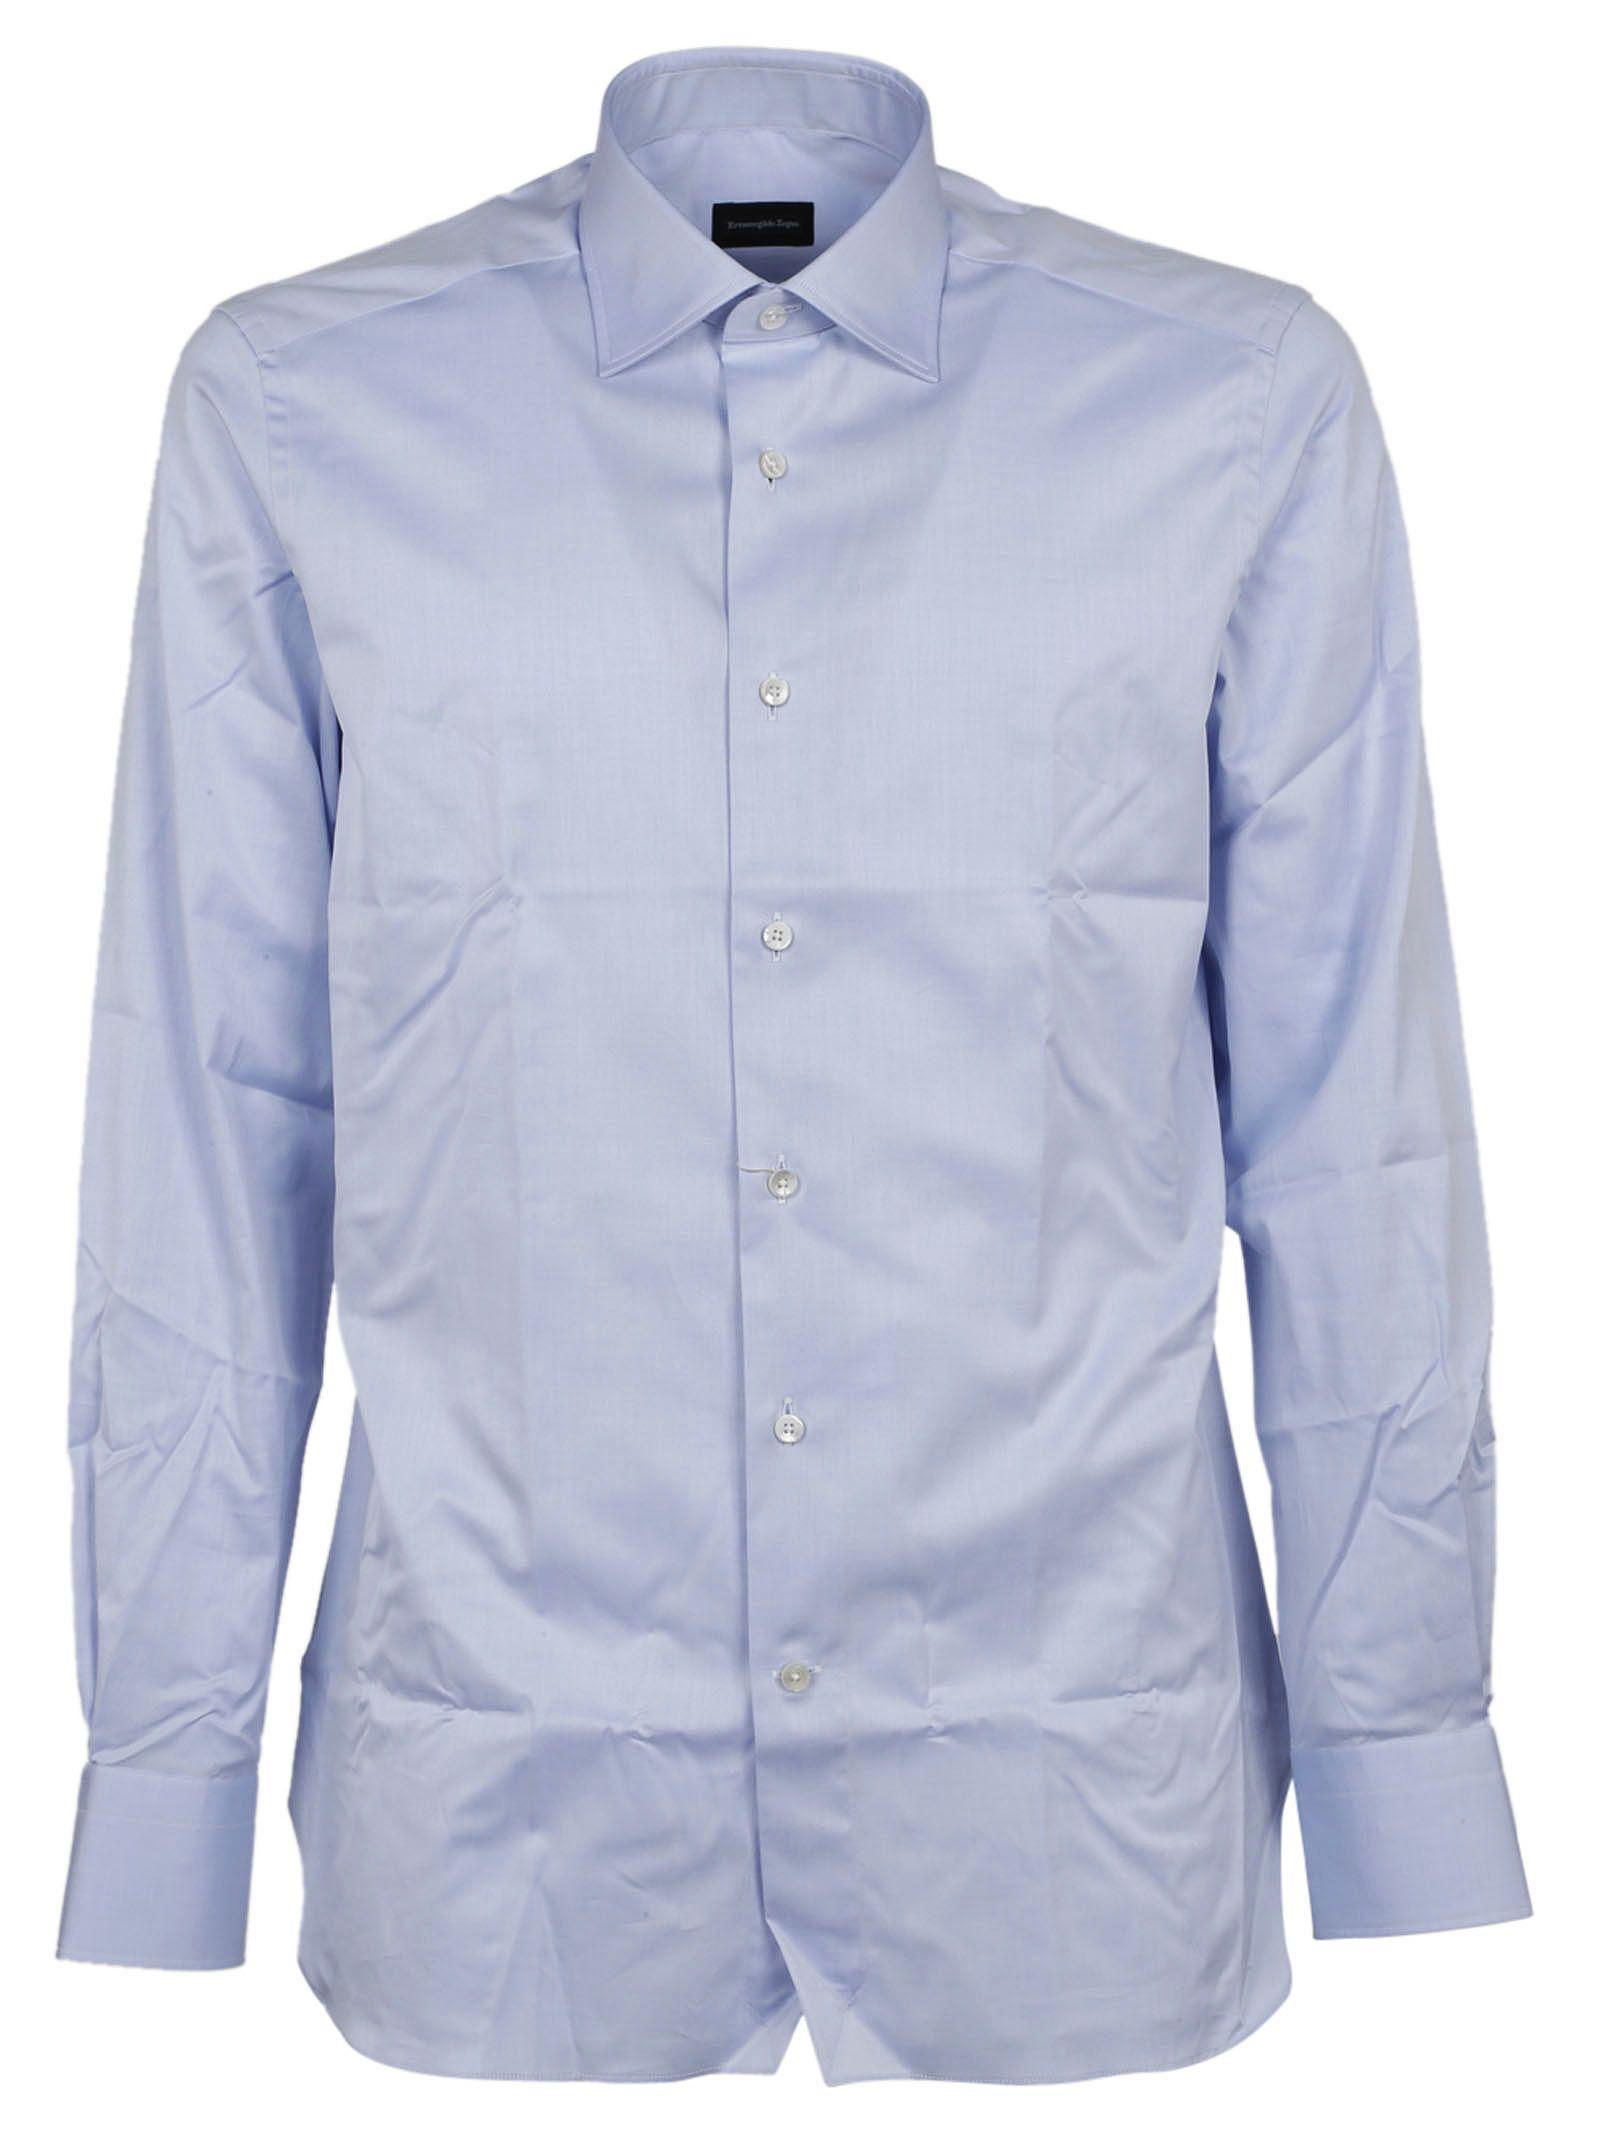 Ermenegildo Zegna Plain Shirt